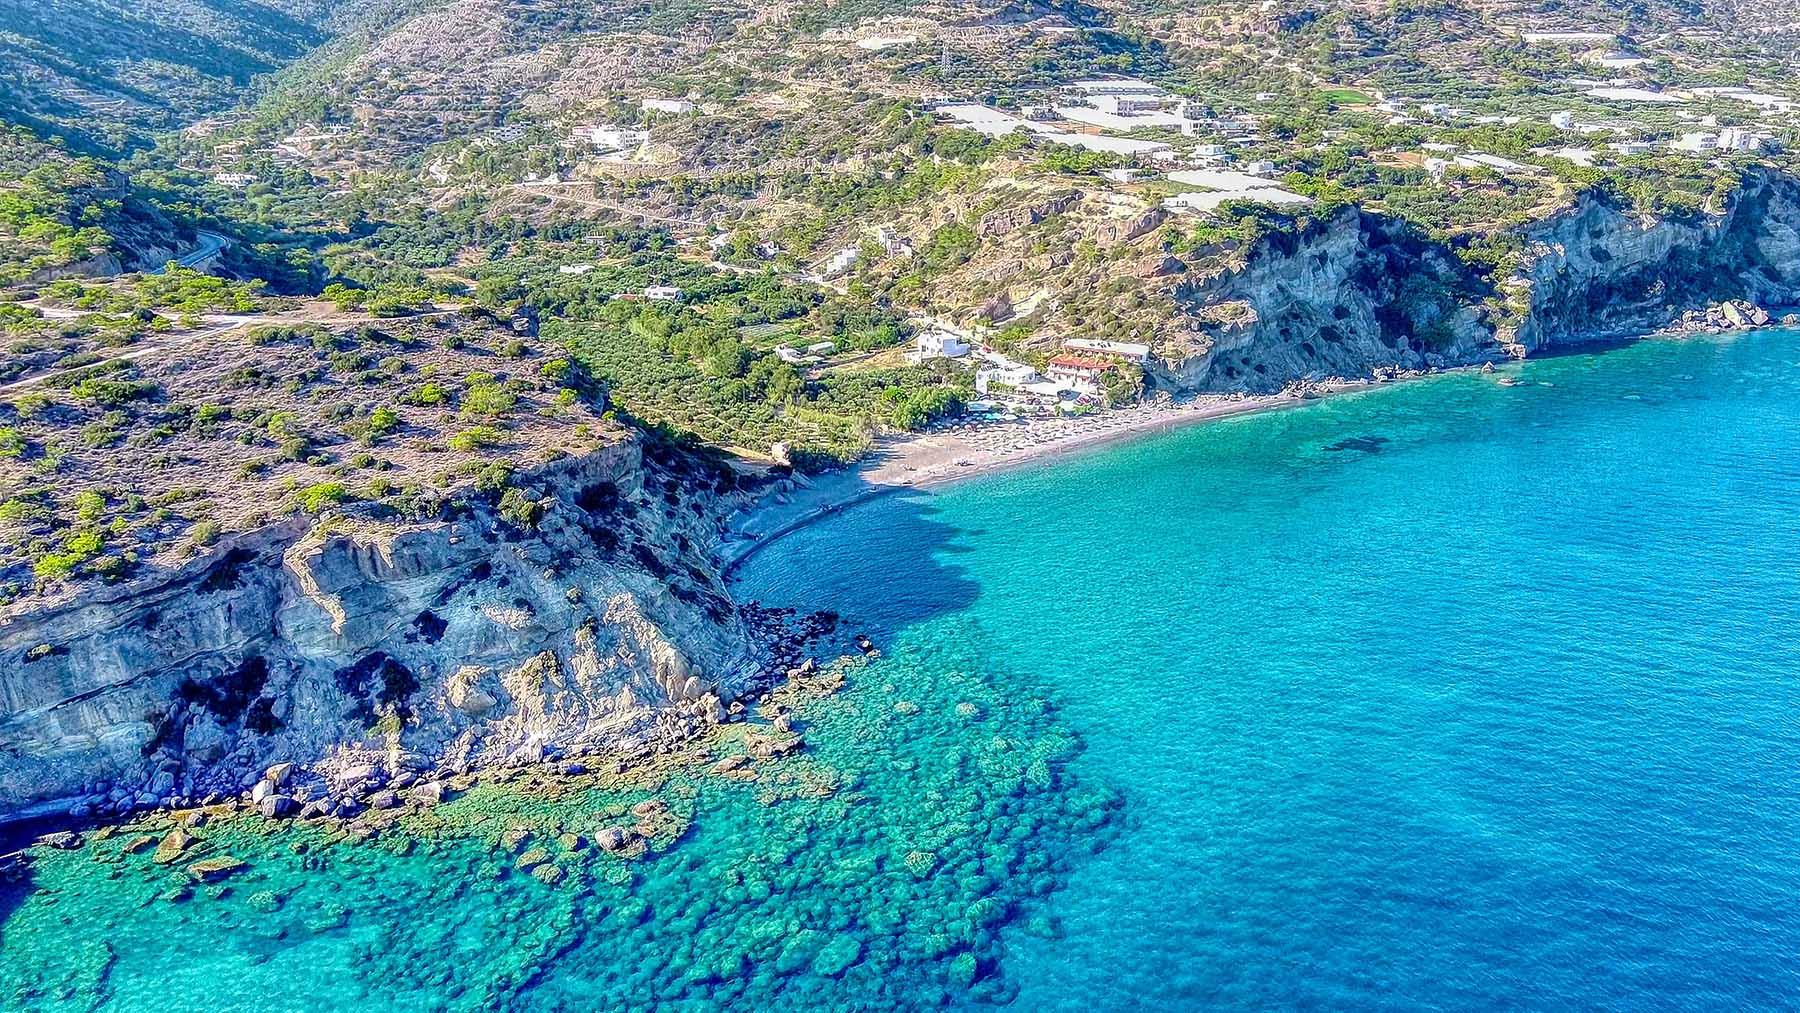 hotel in crete | Kakos Bay Hotel | Ierapetra, Crete, Greece